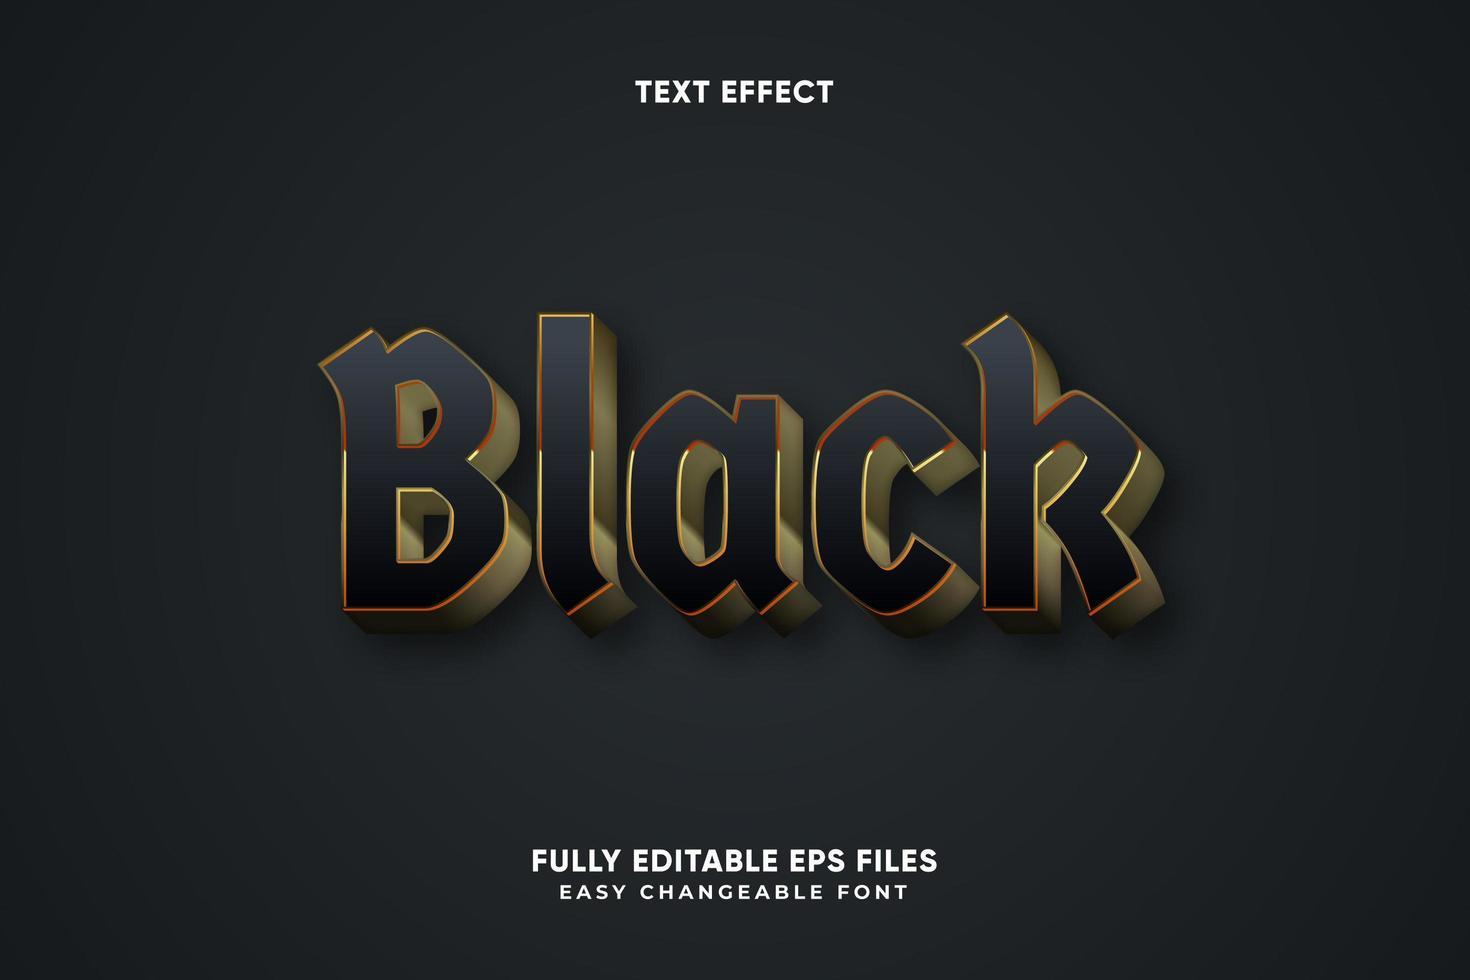 efeito de texto em preto editável vetor